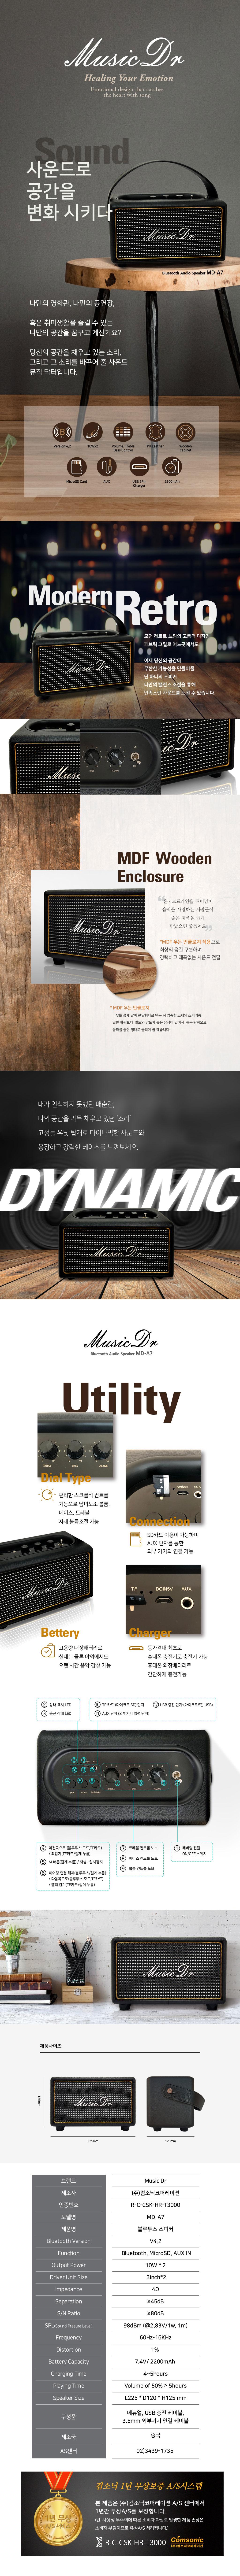 MD-A7-speaker-v0.2.1